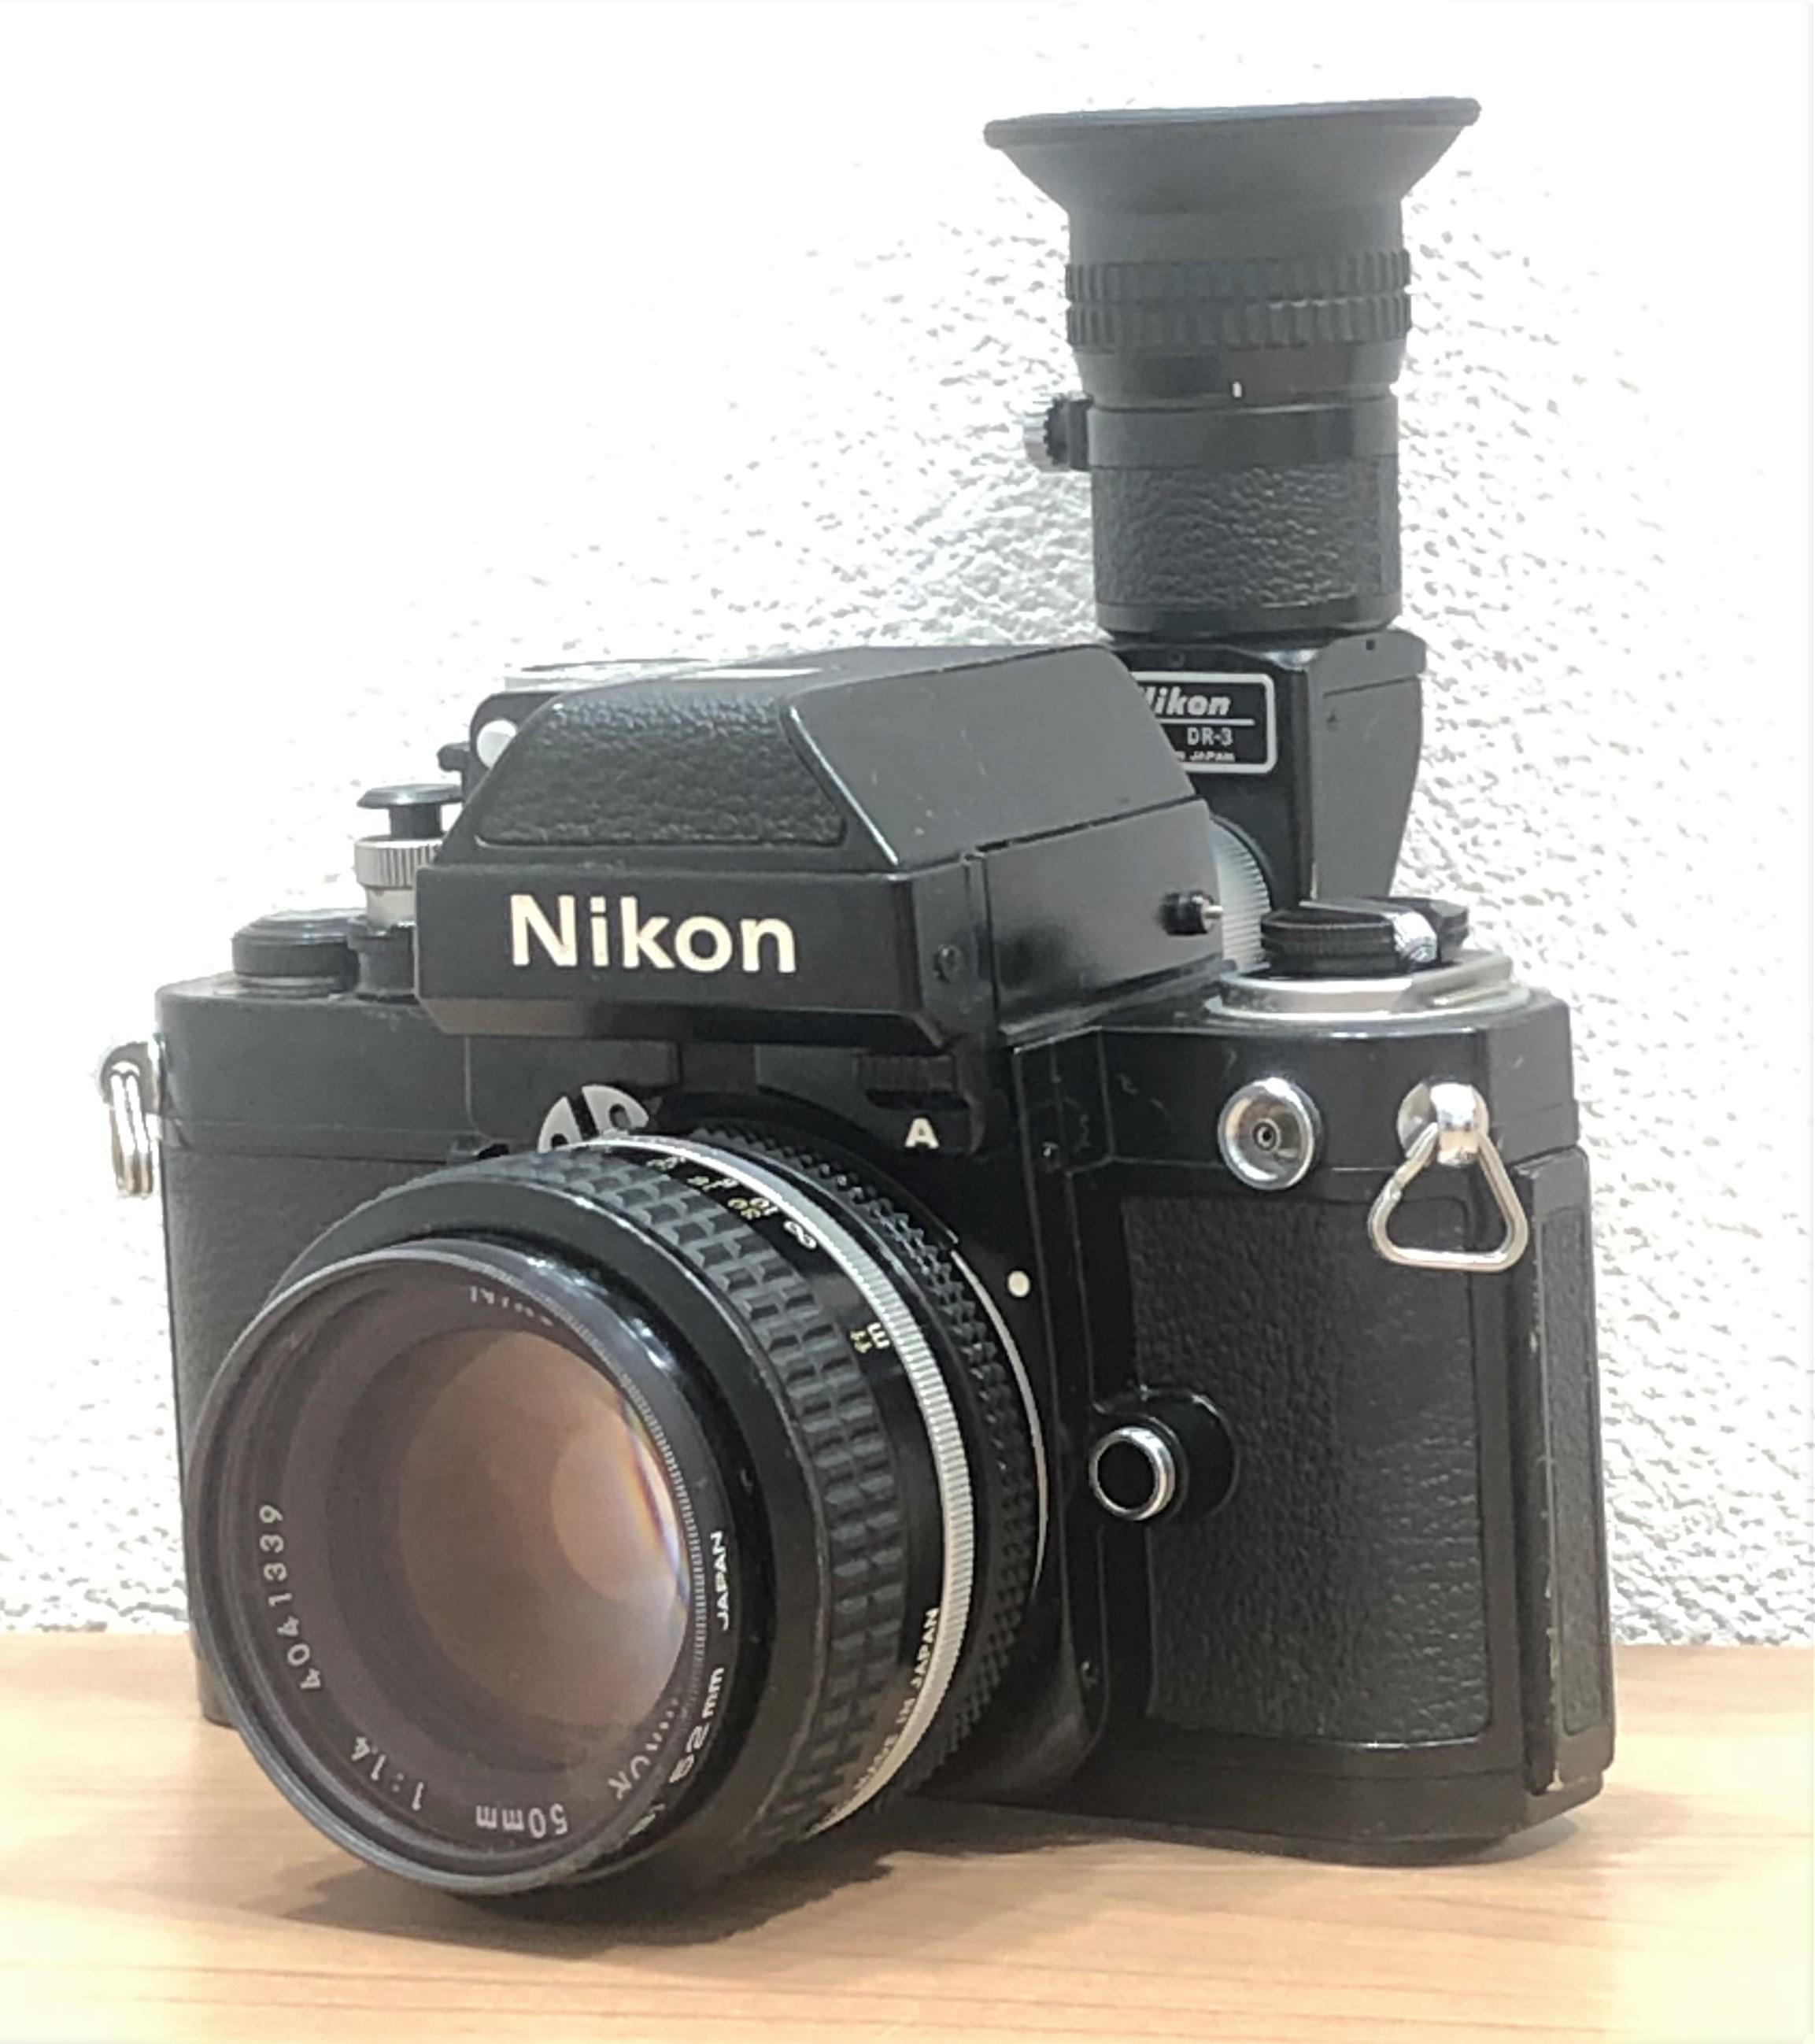 【Nikon/ニコン】F2 フォトミック ブラックボディ 一眼レフ フィルムカメラ